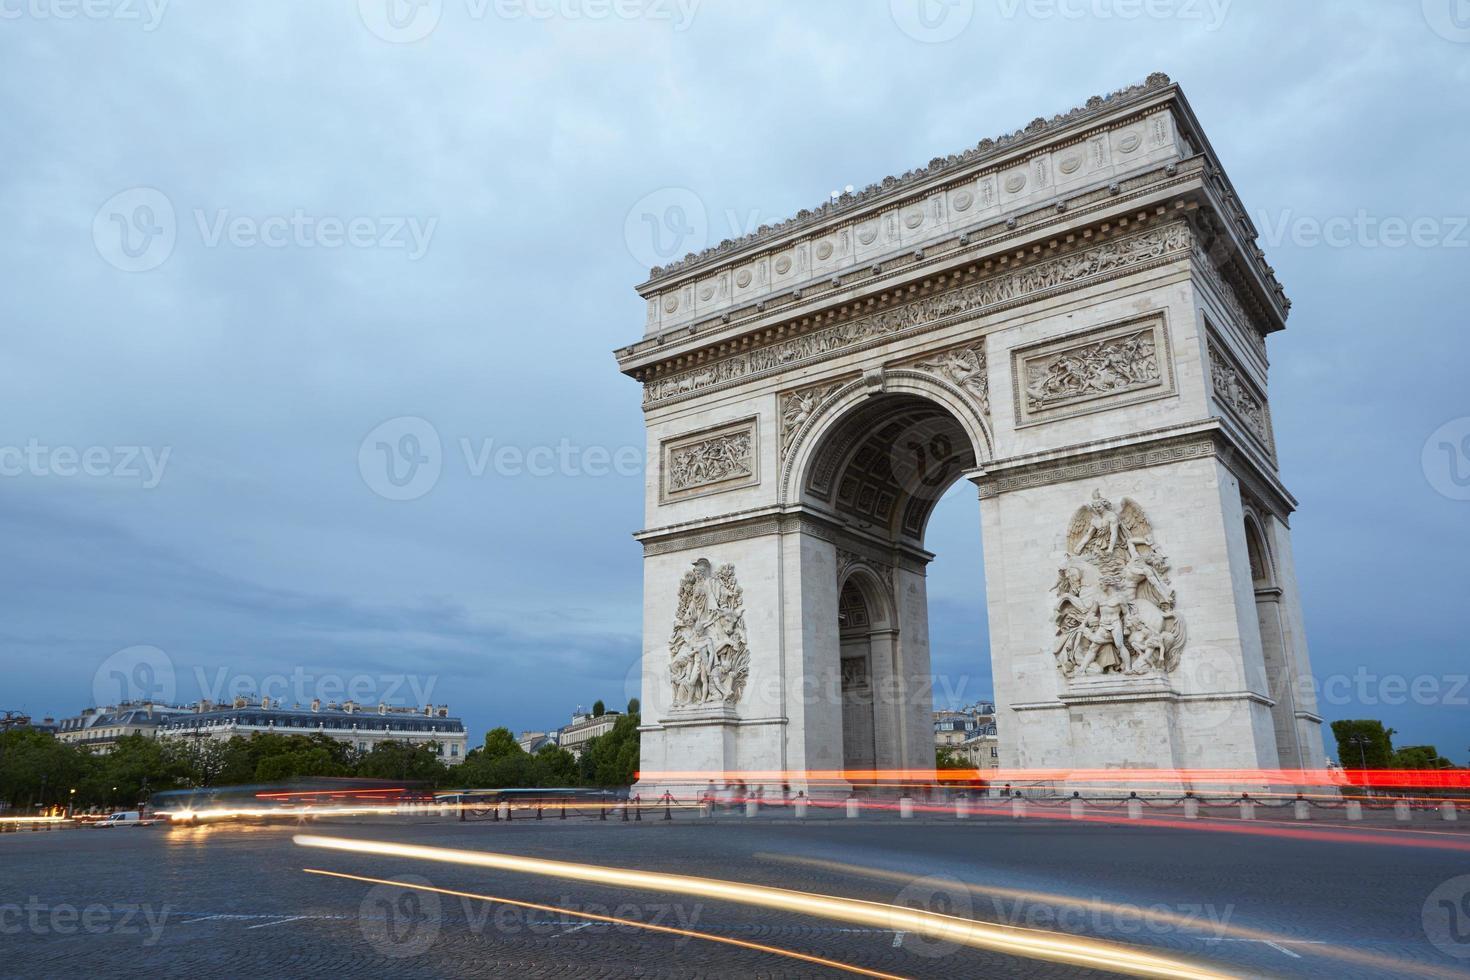 abends arc par triomphe in paris foto